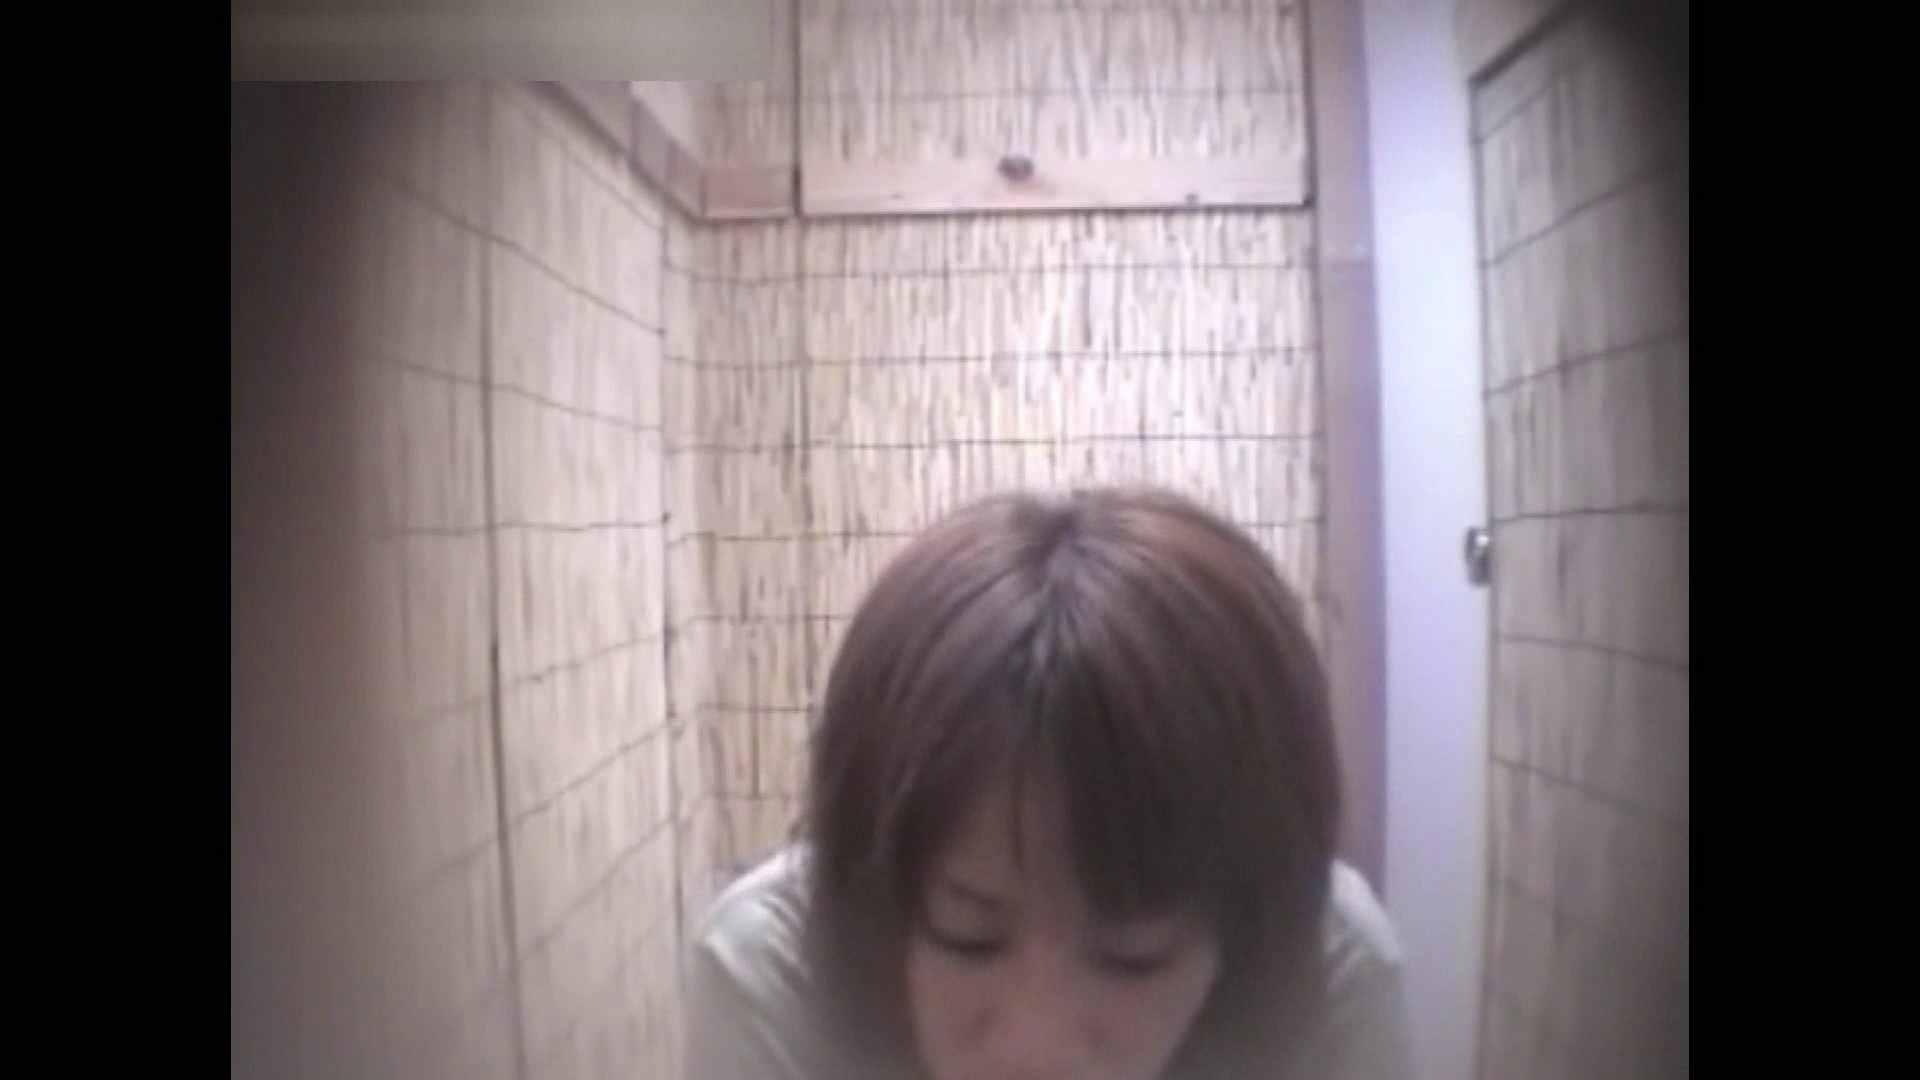 解禁!海の家4カメ洗面所vol.40 人気シリーズ えろ無修正画像 105PIX 5